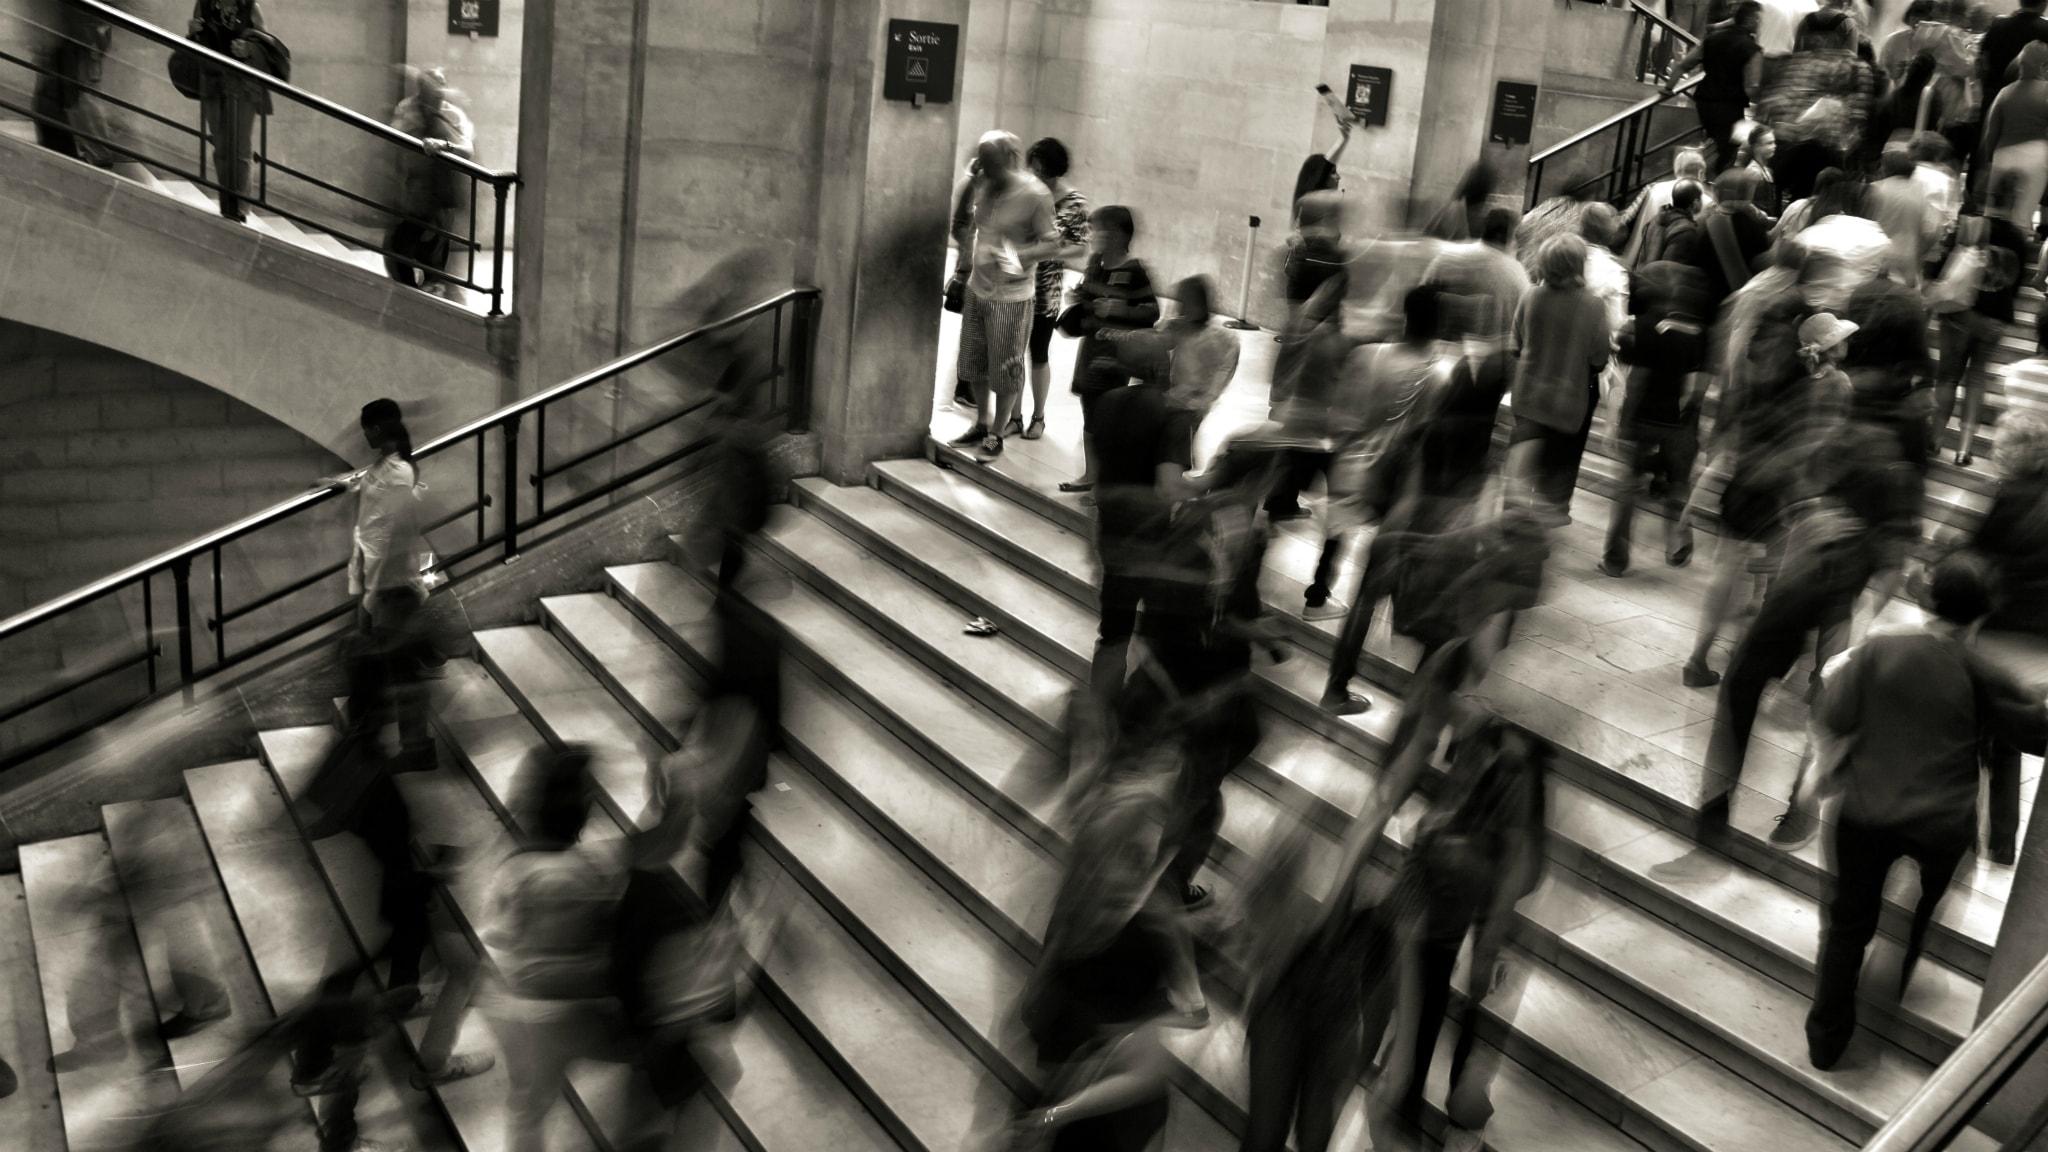 Rusning på tunnelbanan. Många människor i trappor.